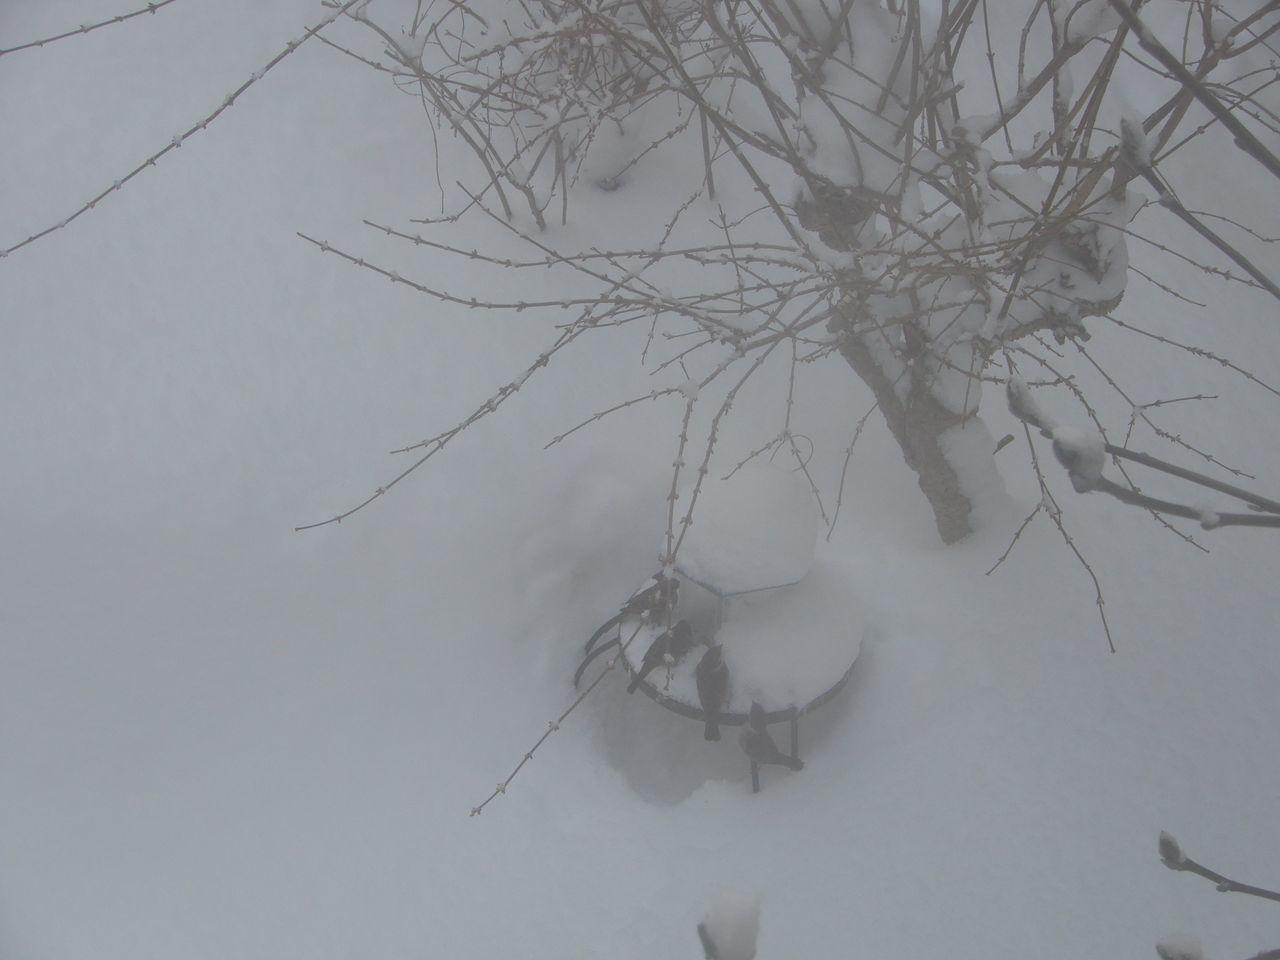 久しぶりに本格的積雪の朝_c0025115_20282331.jpg